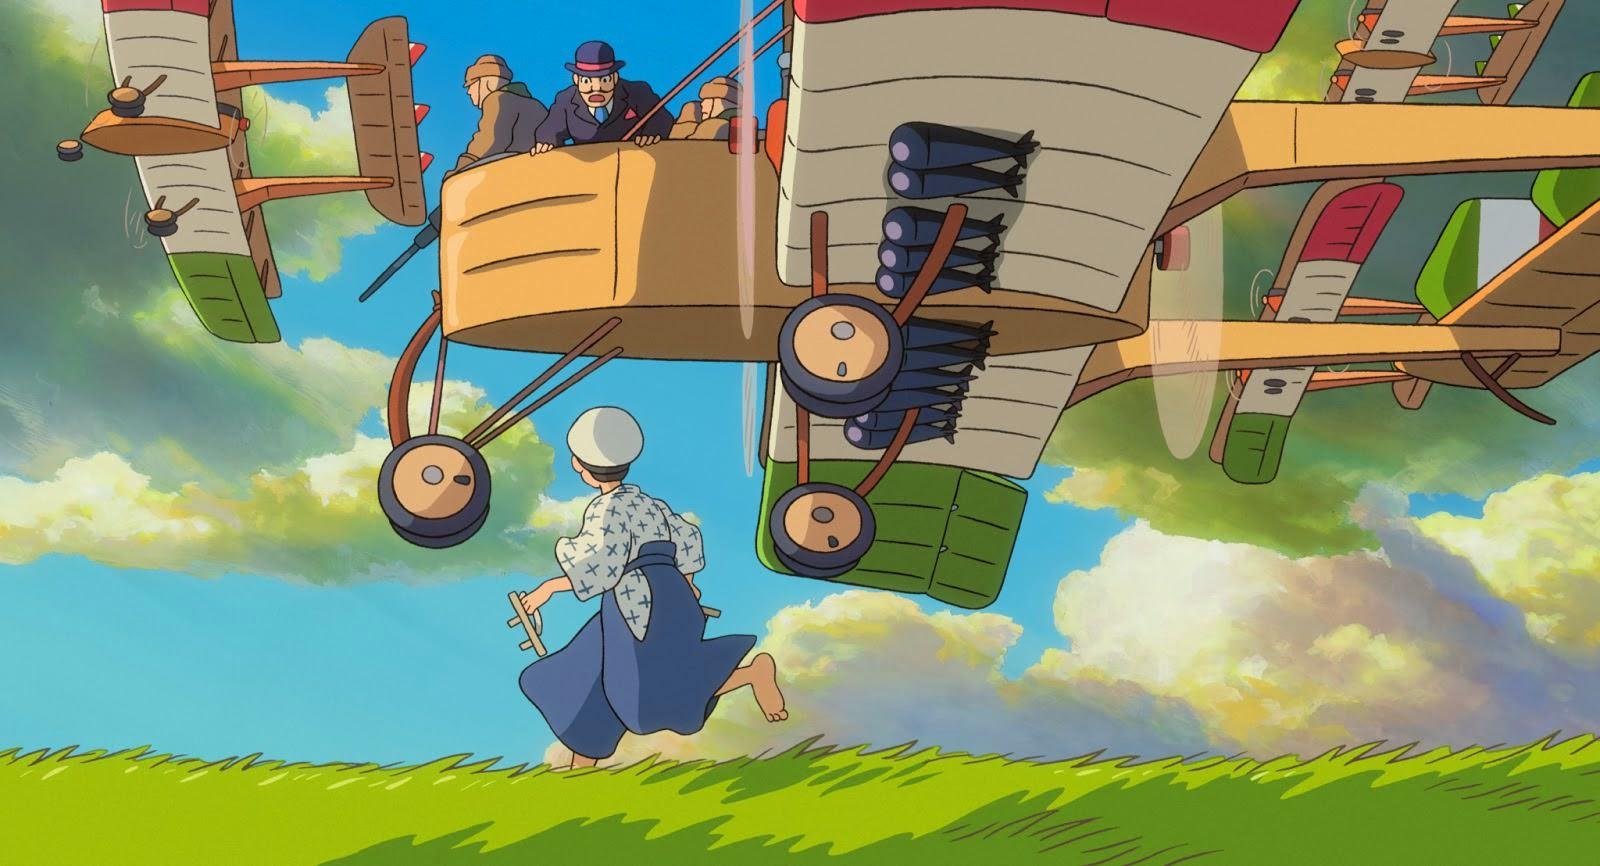 不需要總是堅強,不需要總是把所有事情都往身上扛- 宮崎駿的夢想之城